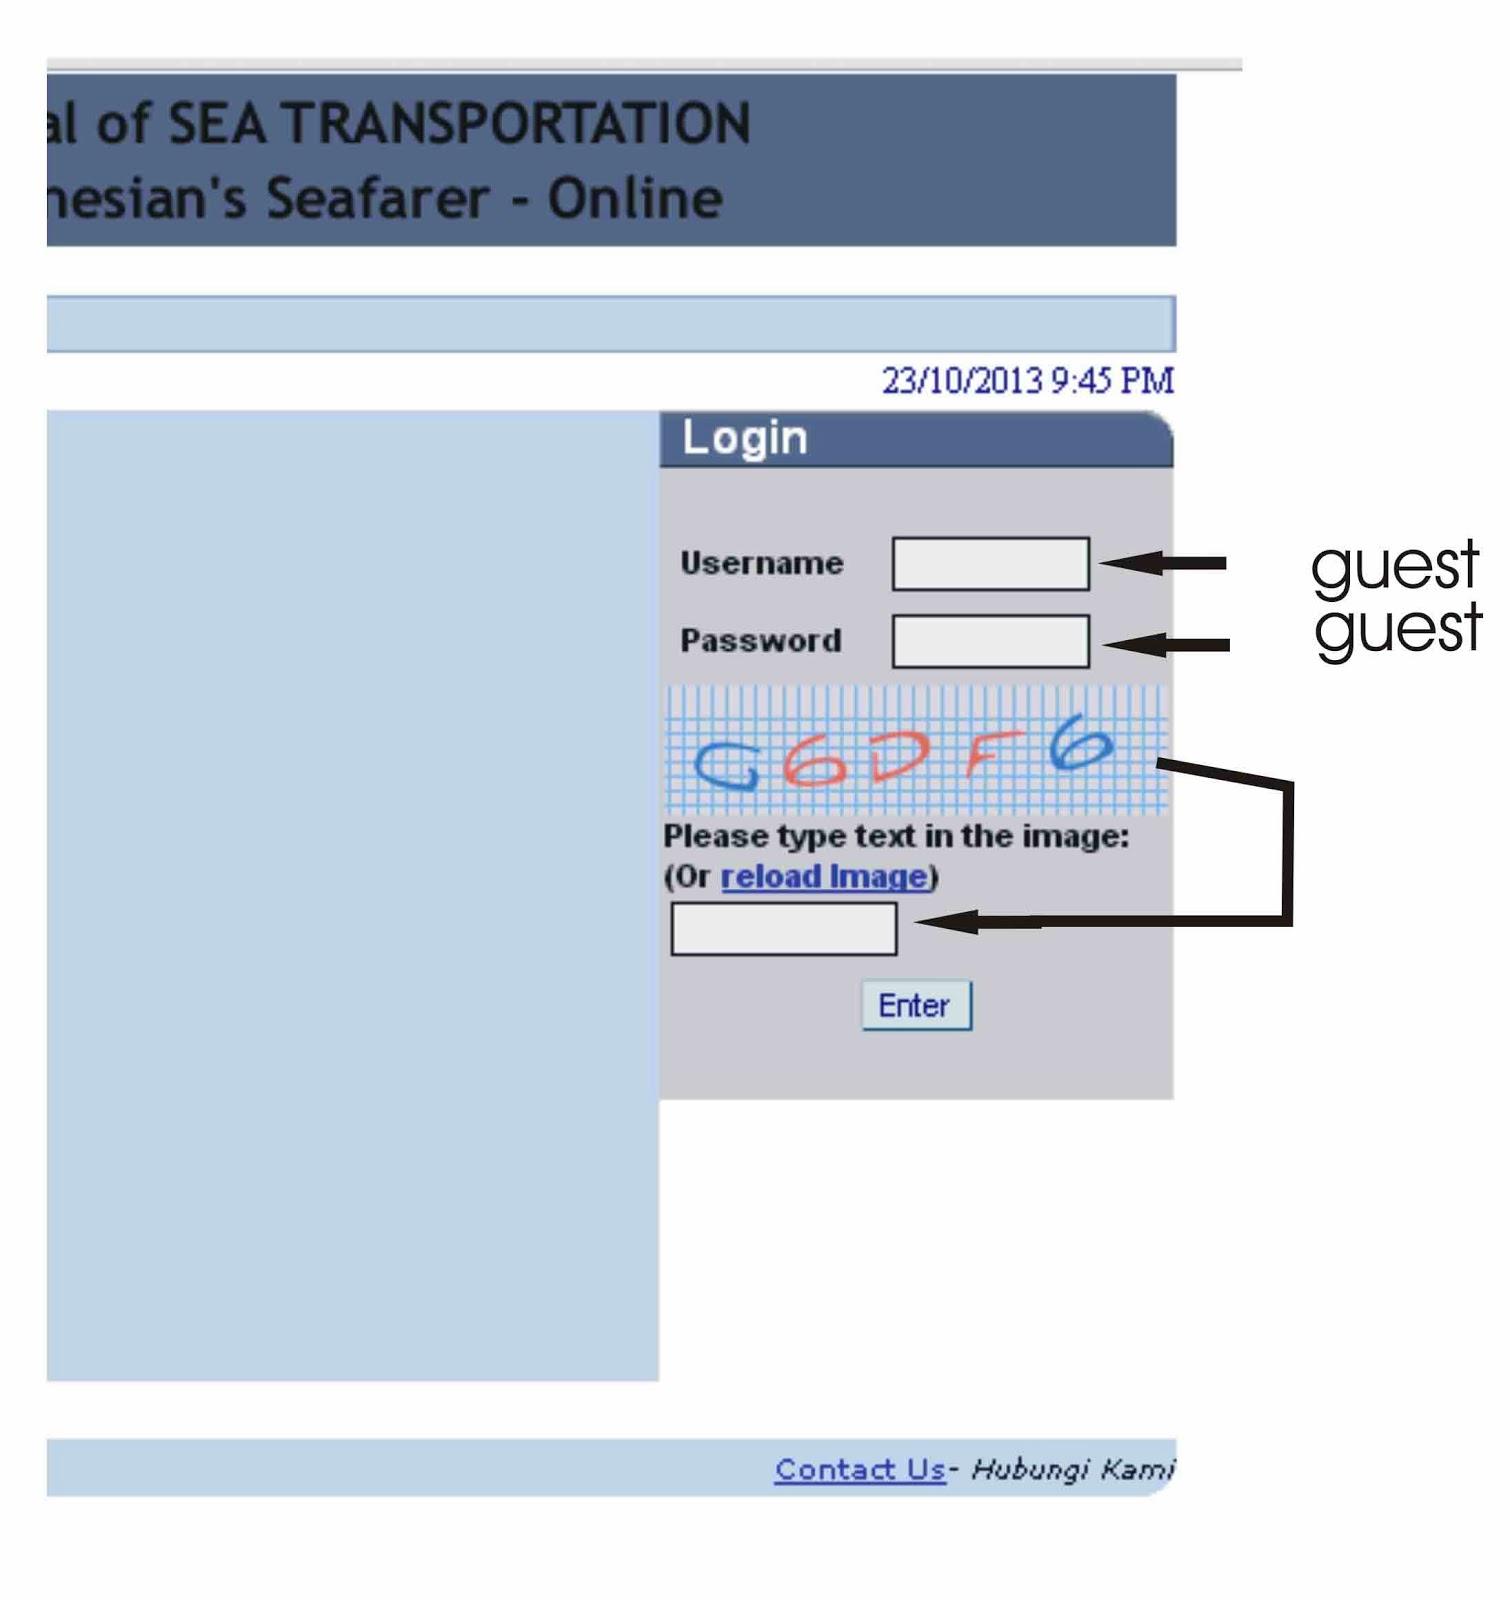 cara cek sertifikat pelaut langkah pertama jpg cek sertifikat pelaut